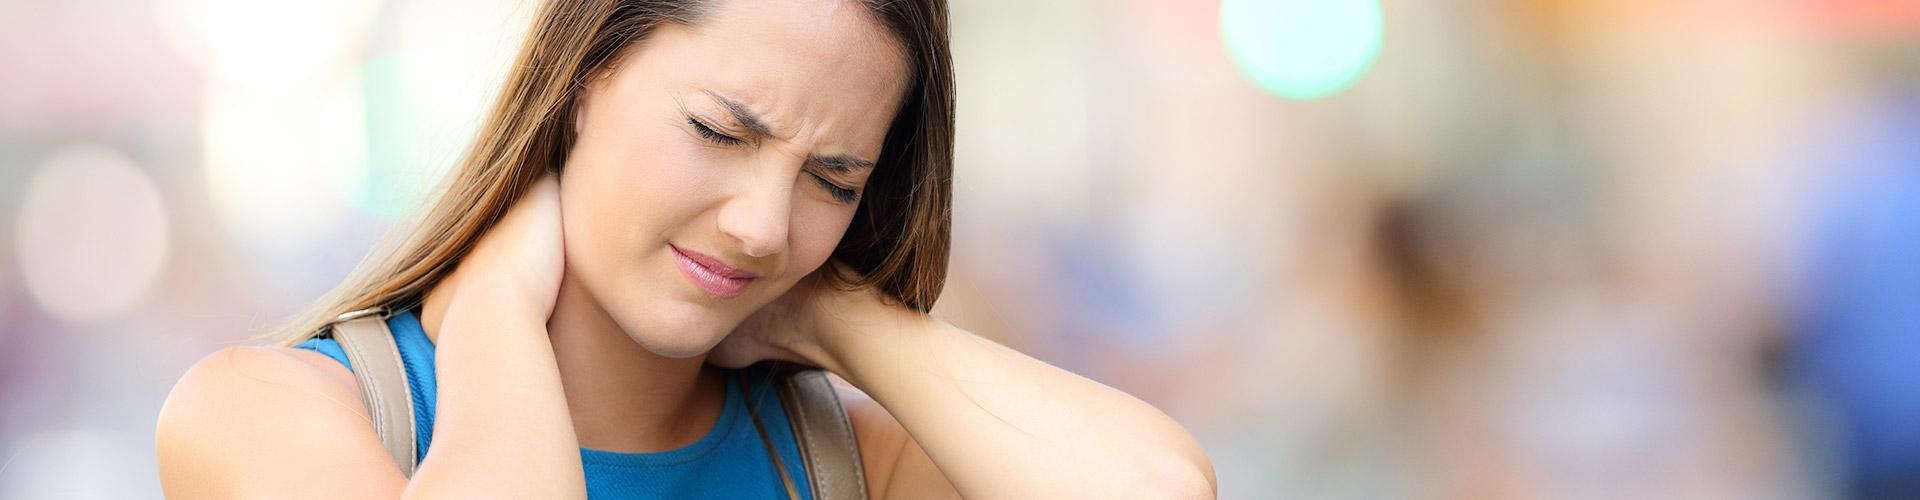 junge frau hält sich nacken vor schmerzen